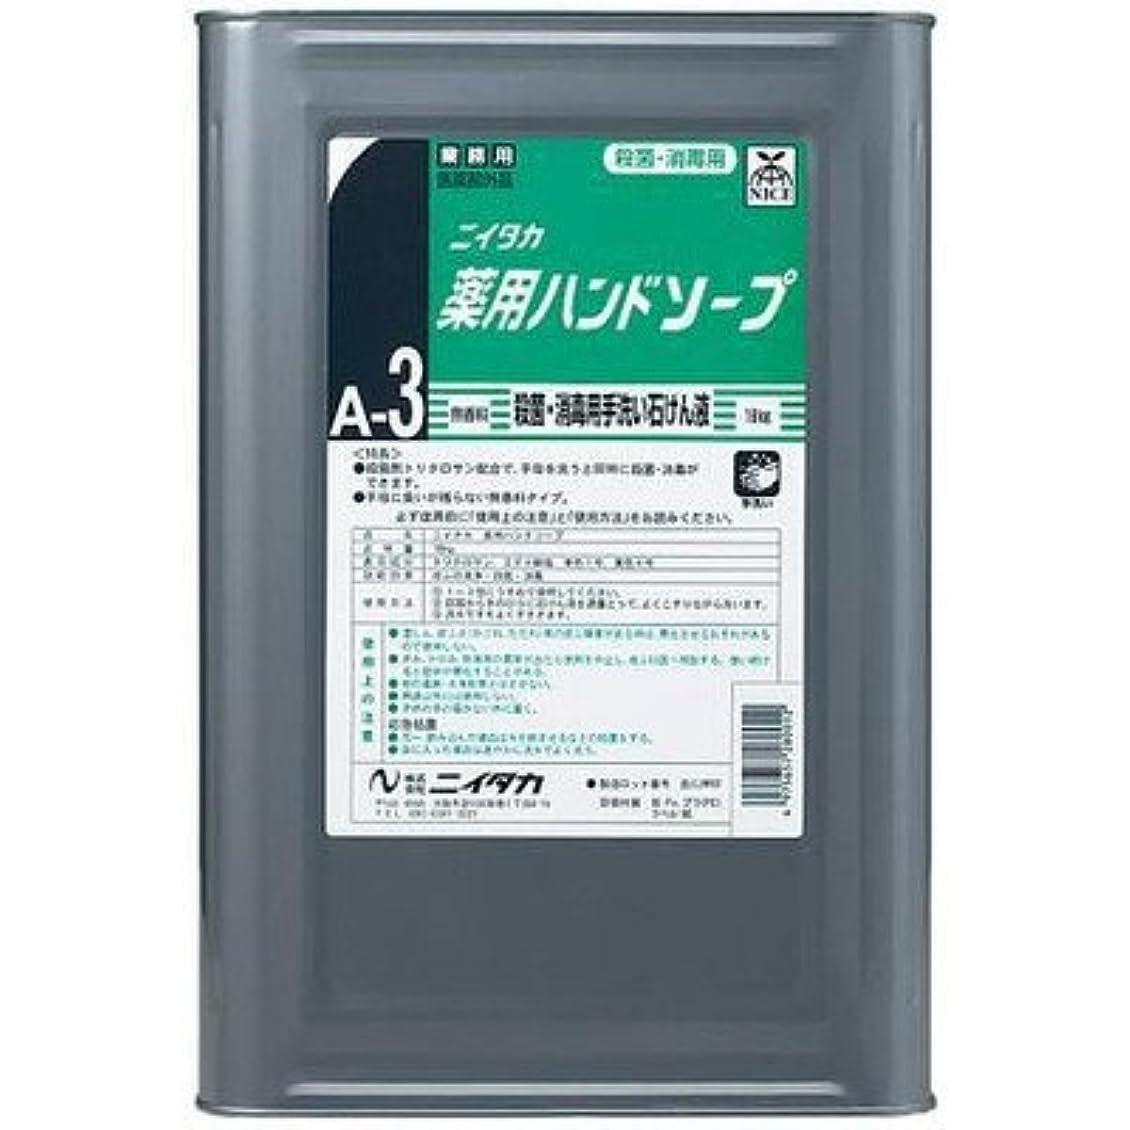 不機嫌そうな散歩に行く狭いニイタカ 業務用手洗い石けん液 薬用ハンドソープ(A-3) 18kg×1本